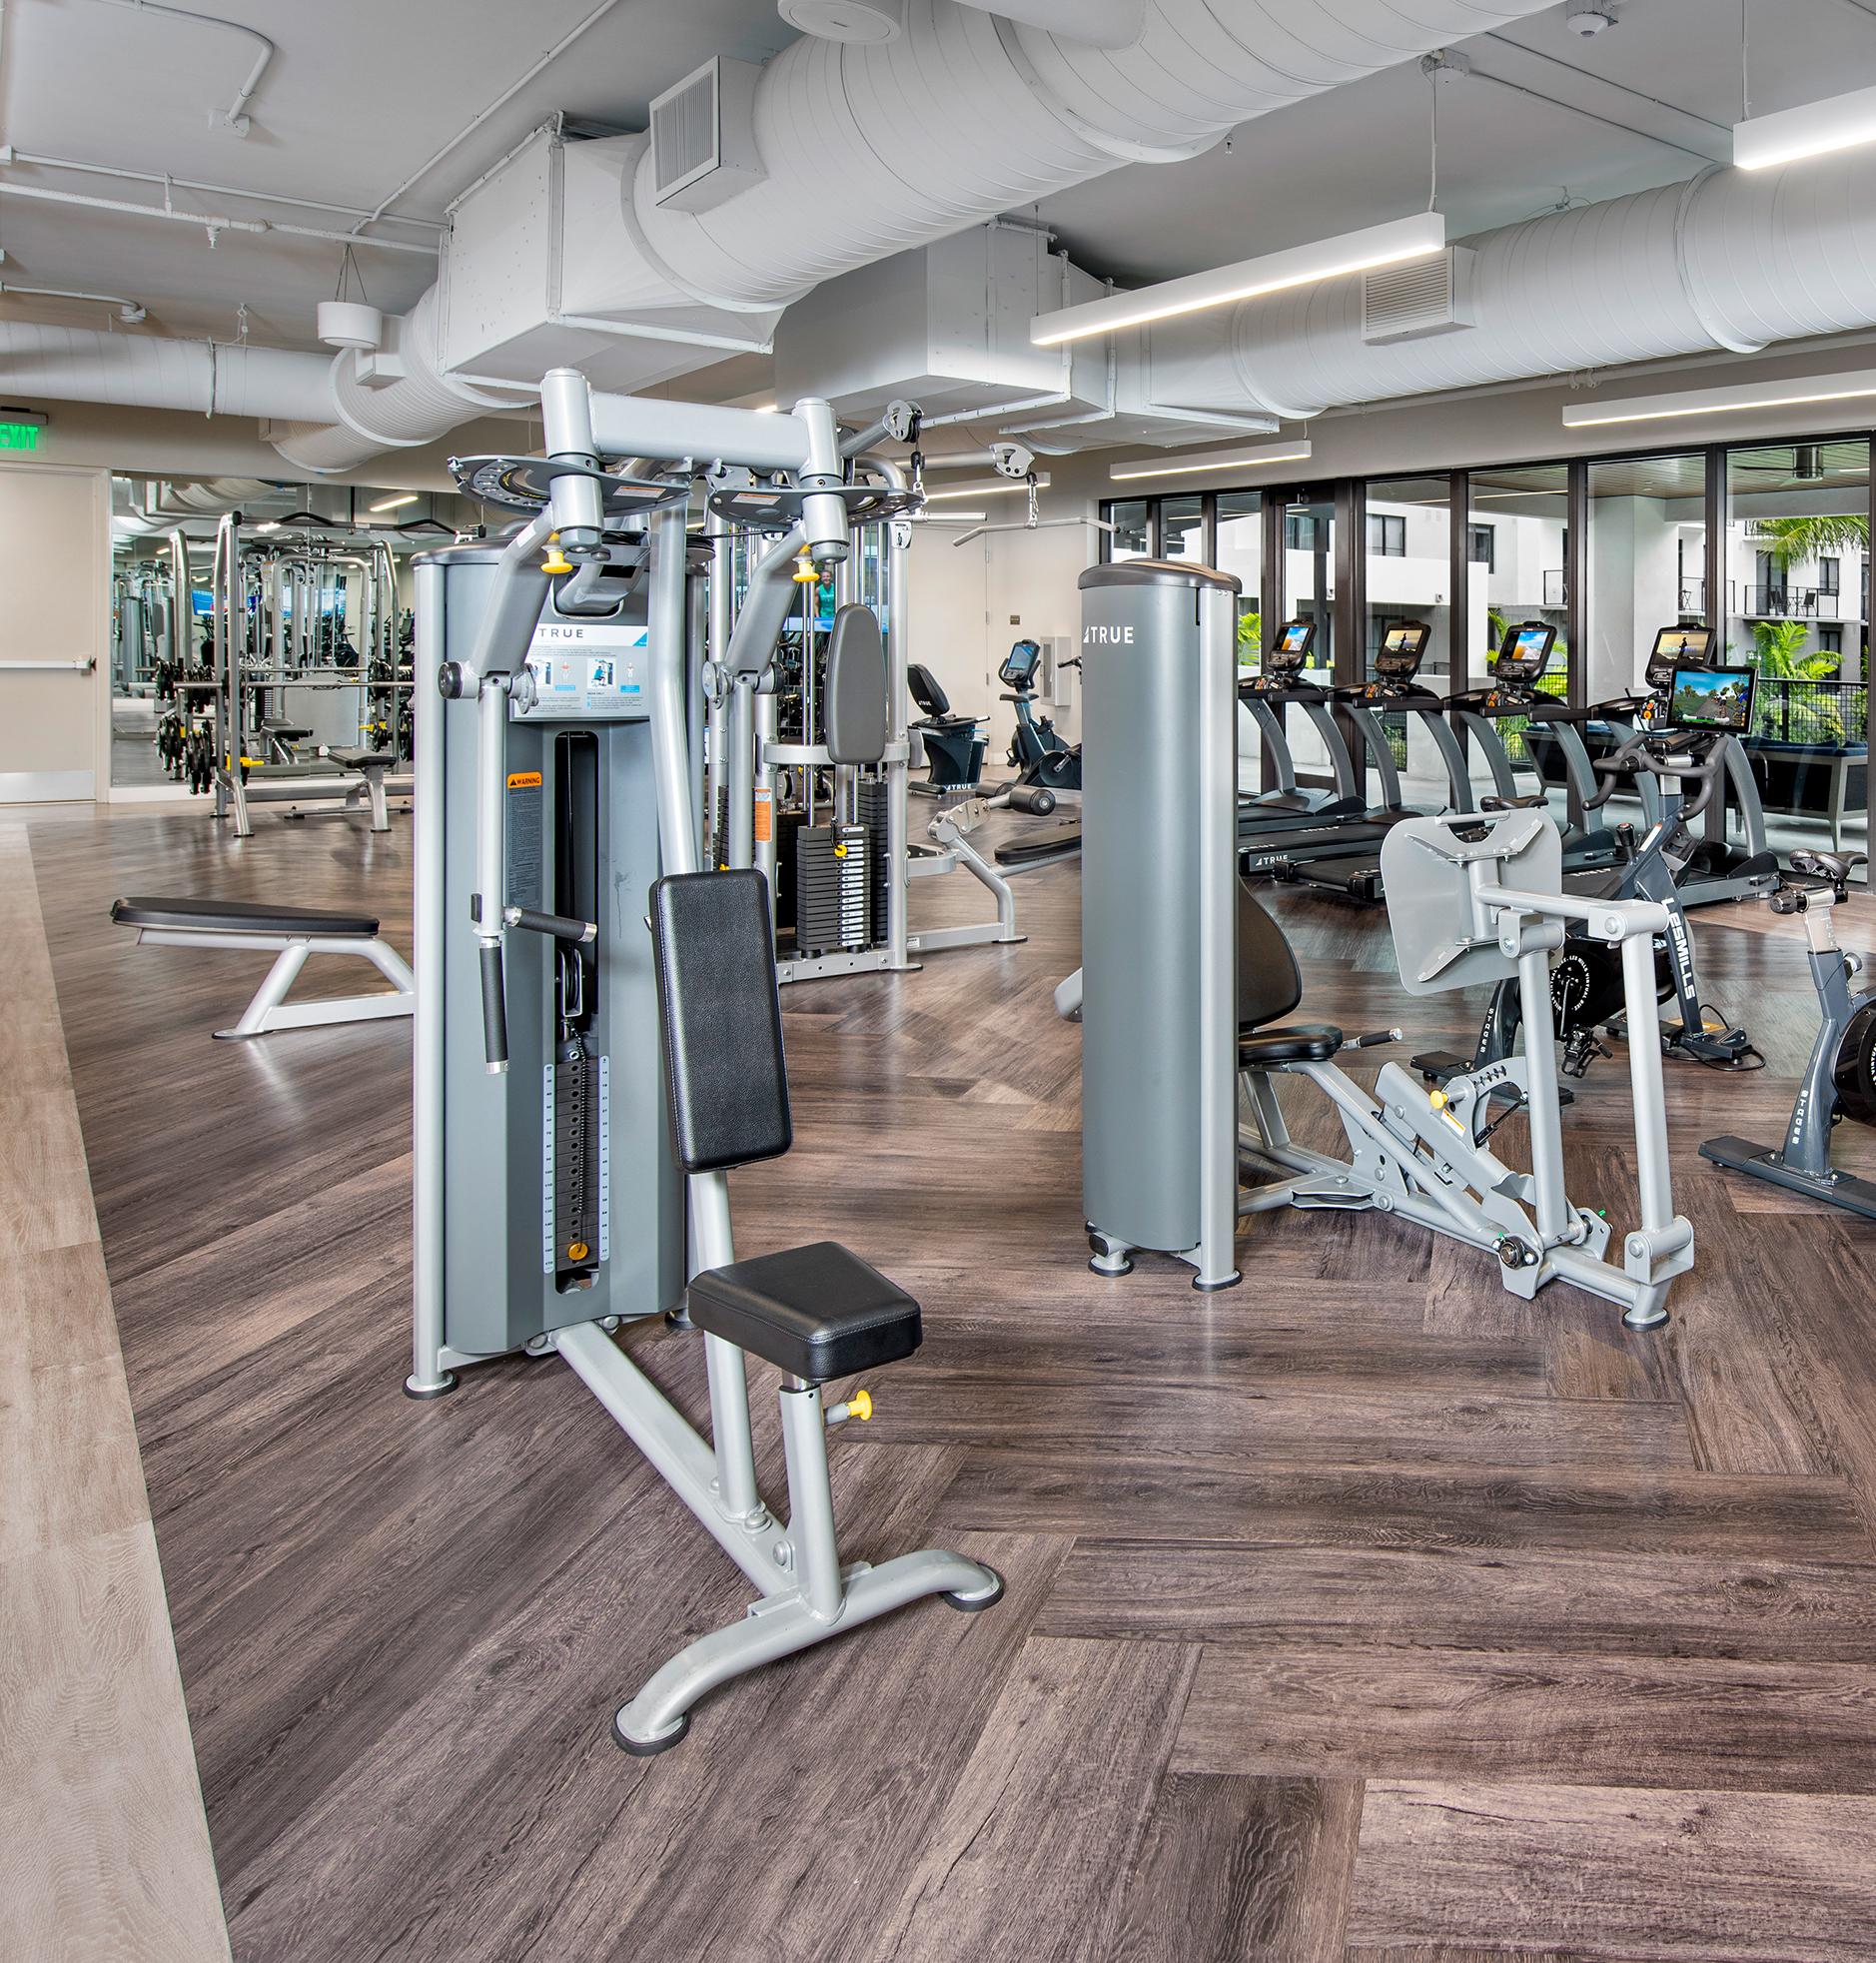 Gym at Sanctuary Doral